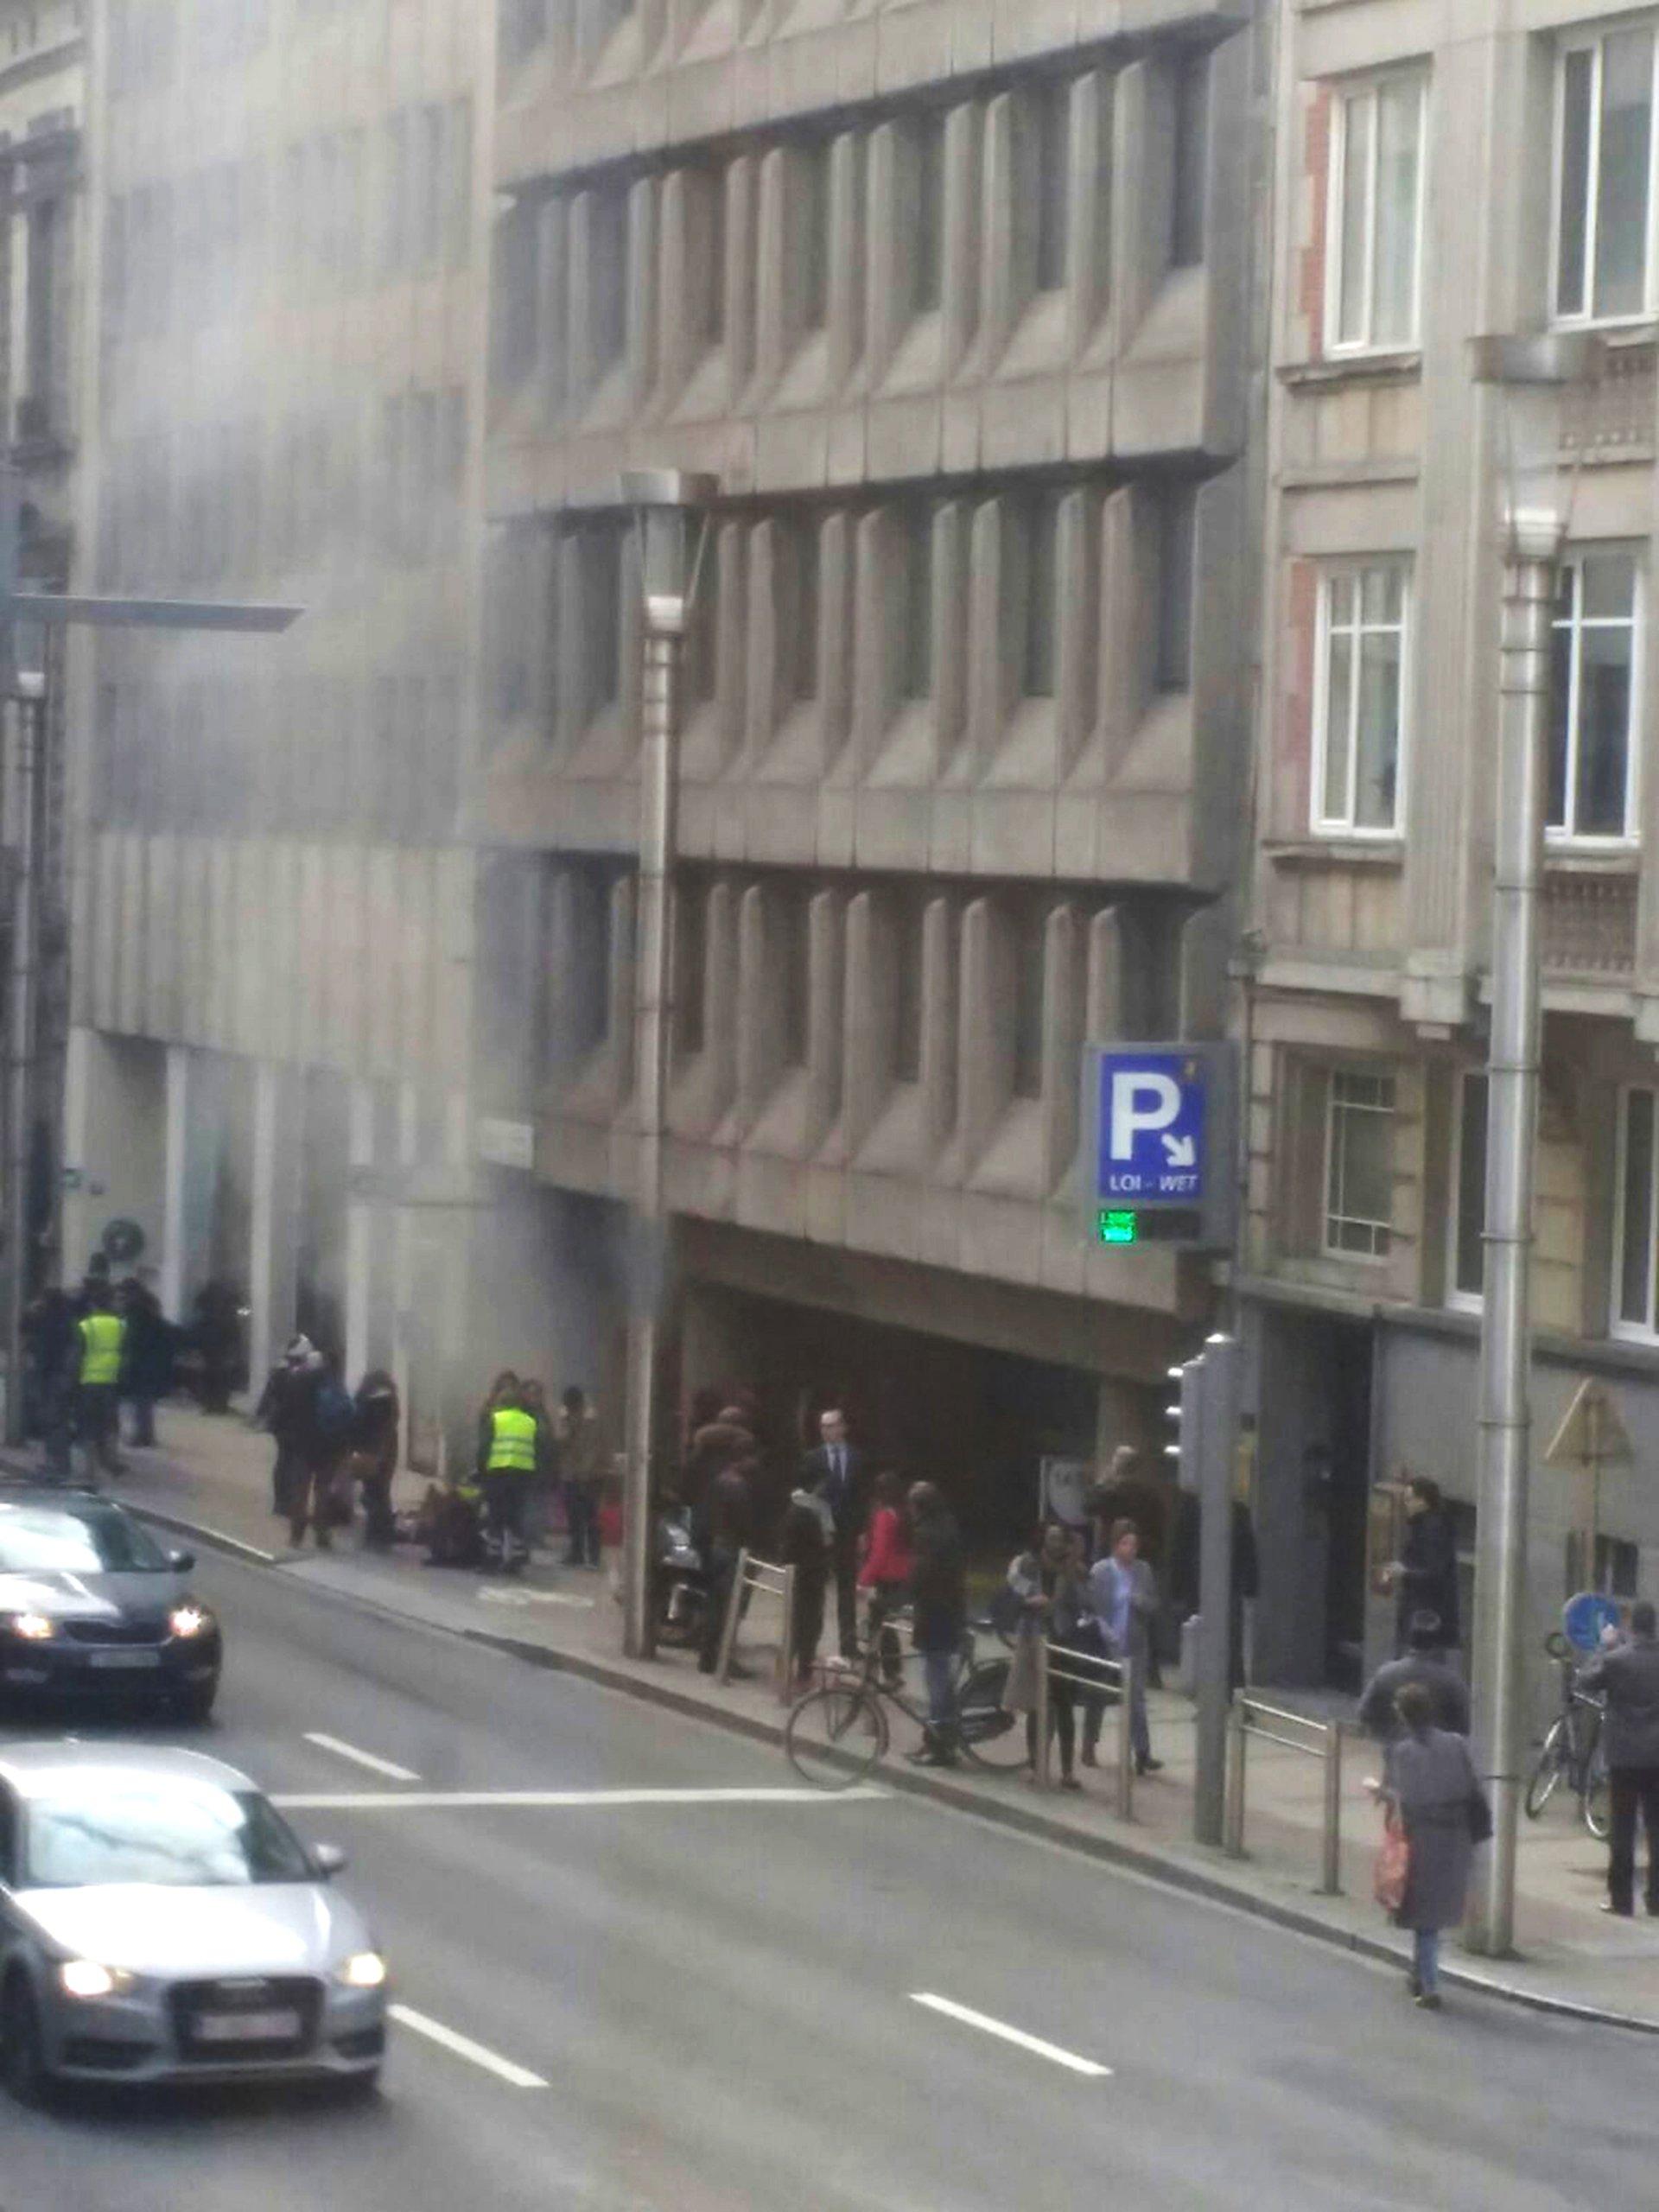 Al mismo tiempo, se sucedían explosiones en el metro de Bruselas